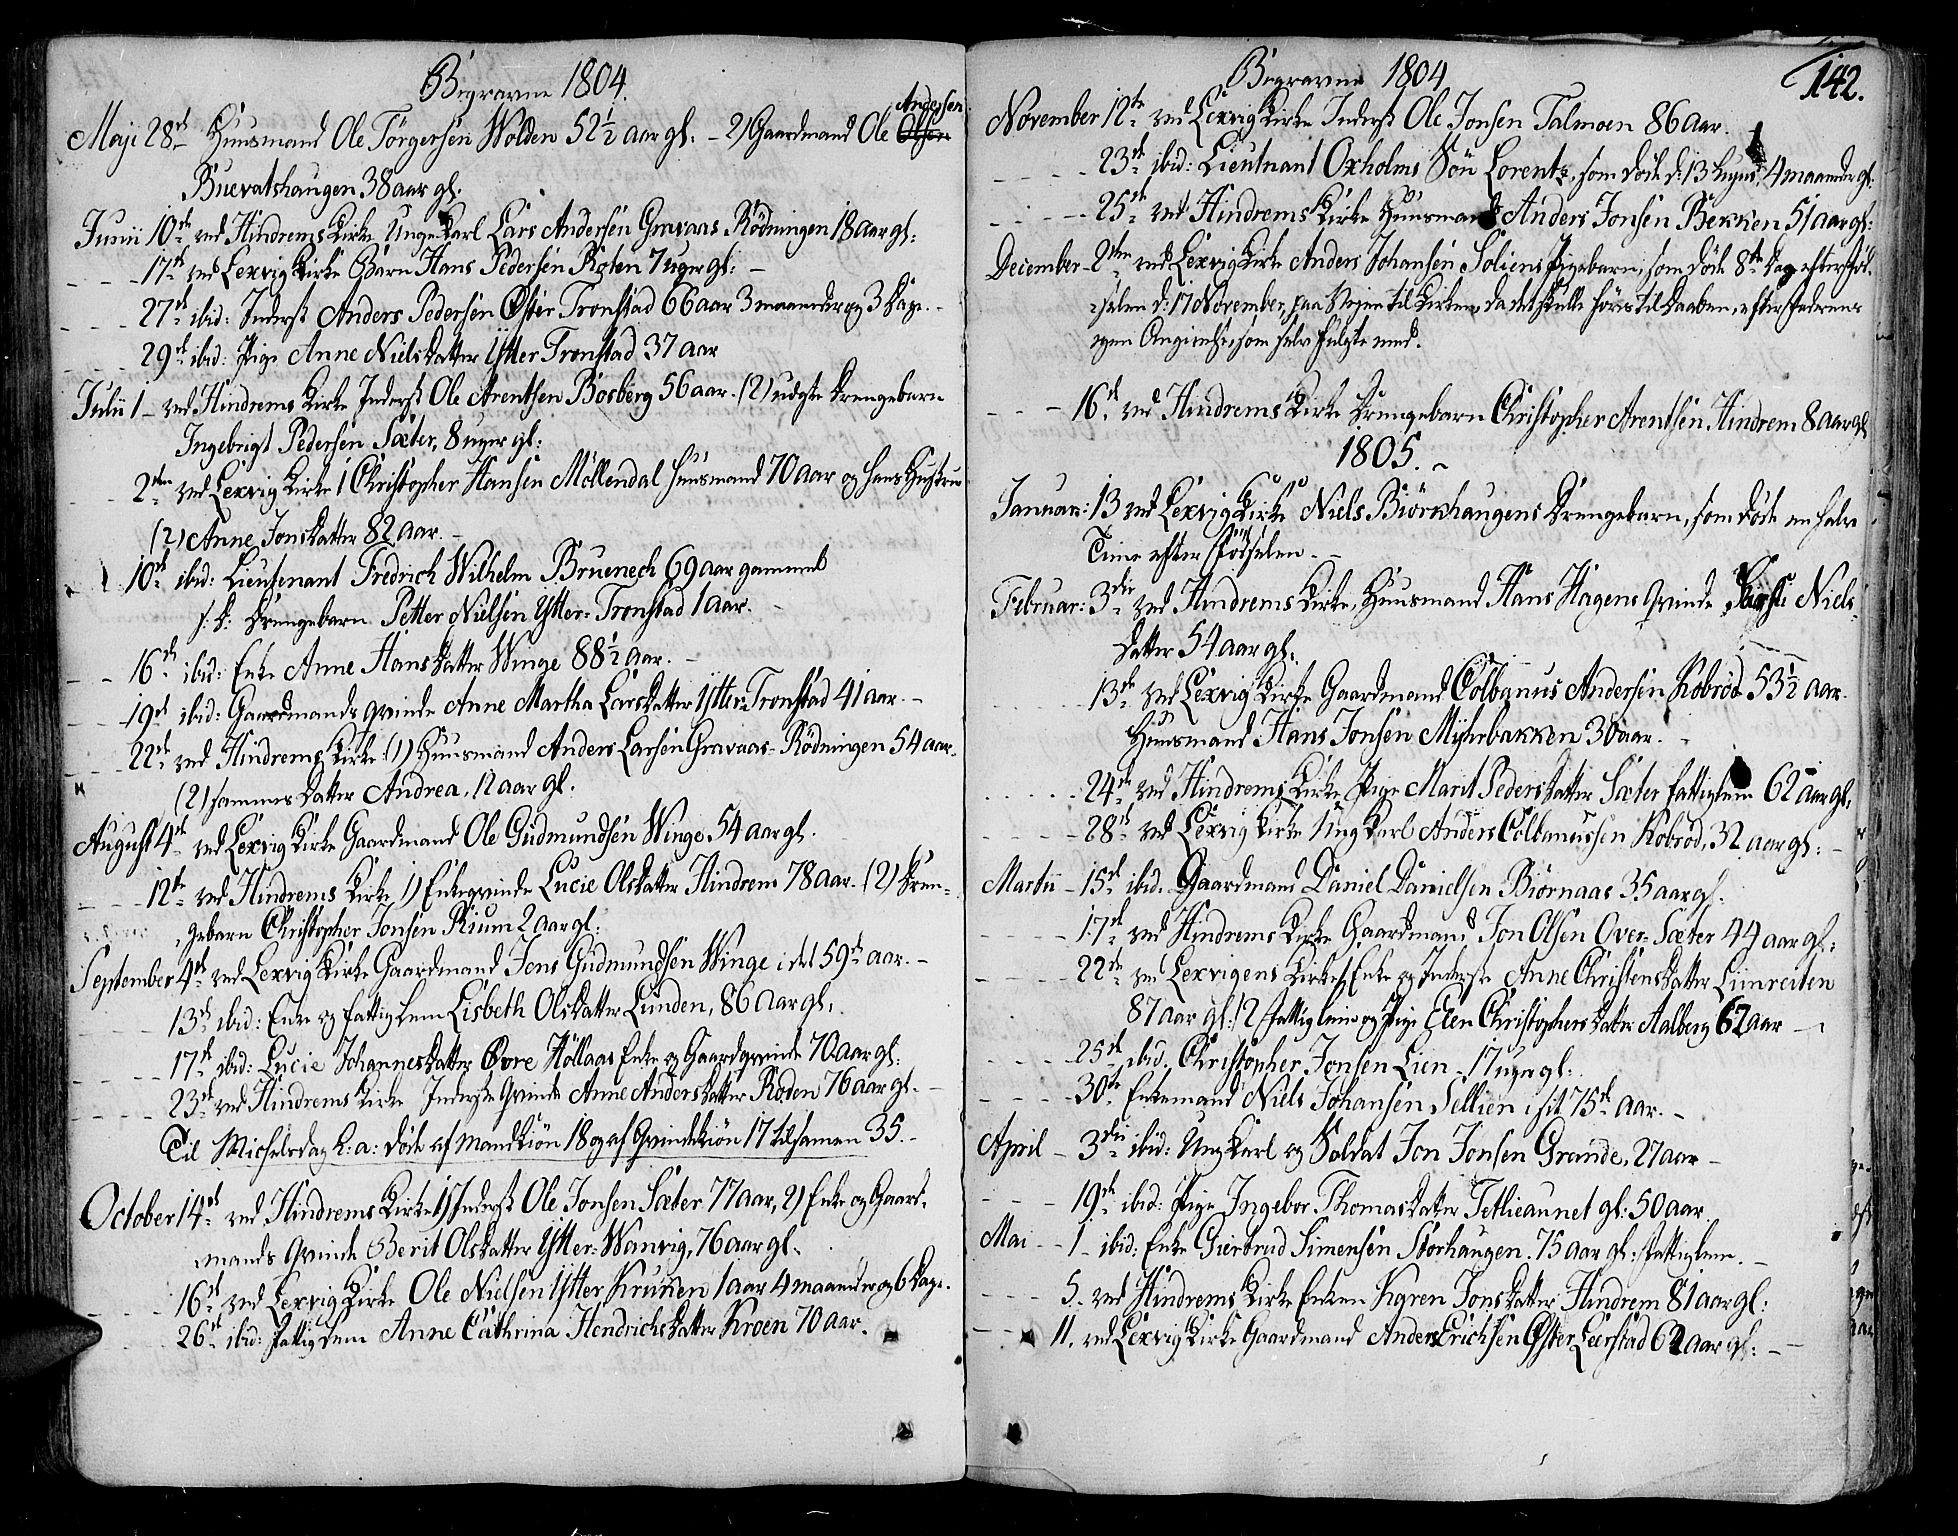 SAT, Ministerialprotokoller, klokkerbøker og fødselsregistre - Nord-Trøndelag, 701/L0004: Ministerialbok nr. 701A04, 1783-1816, s. 142